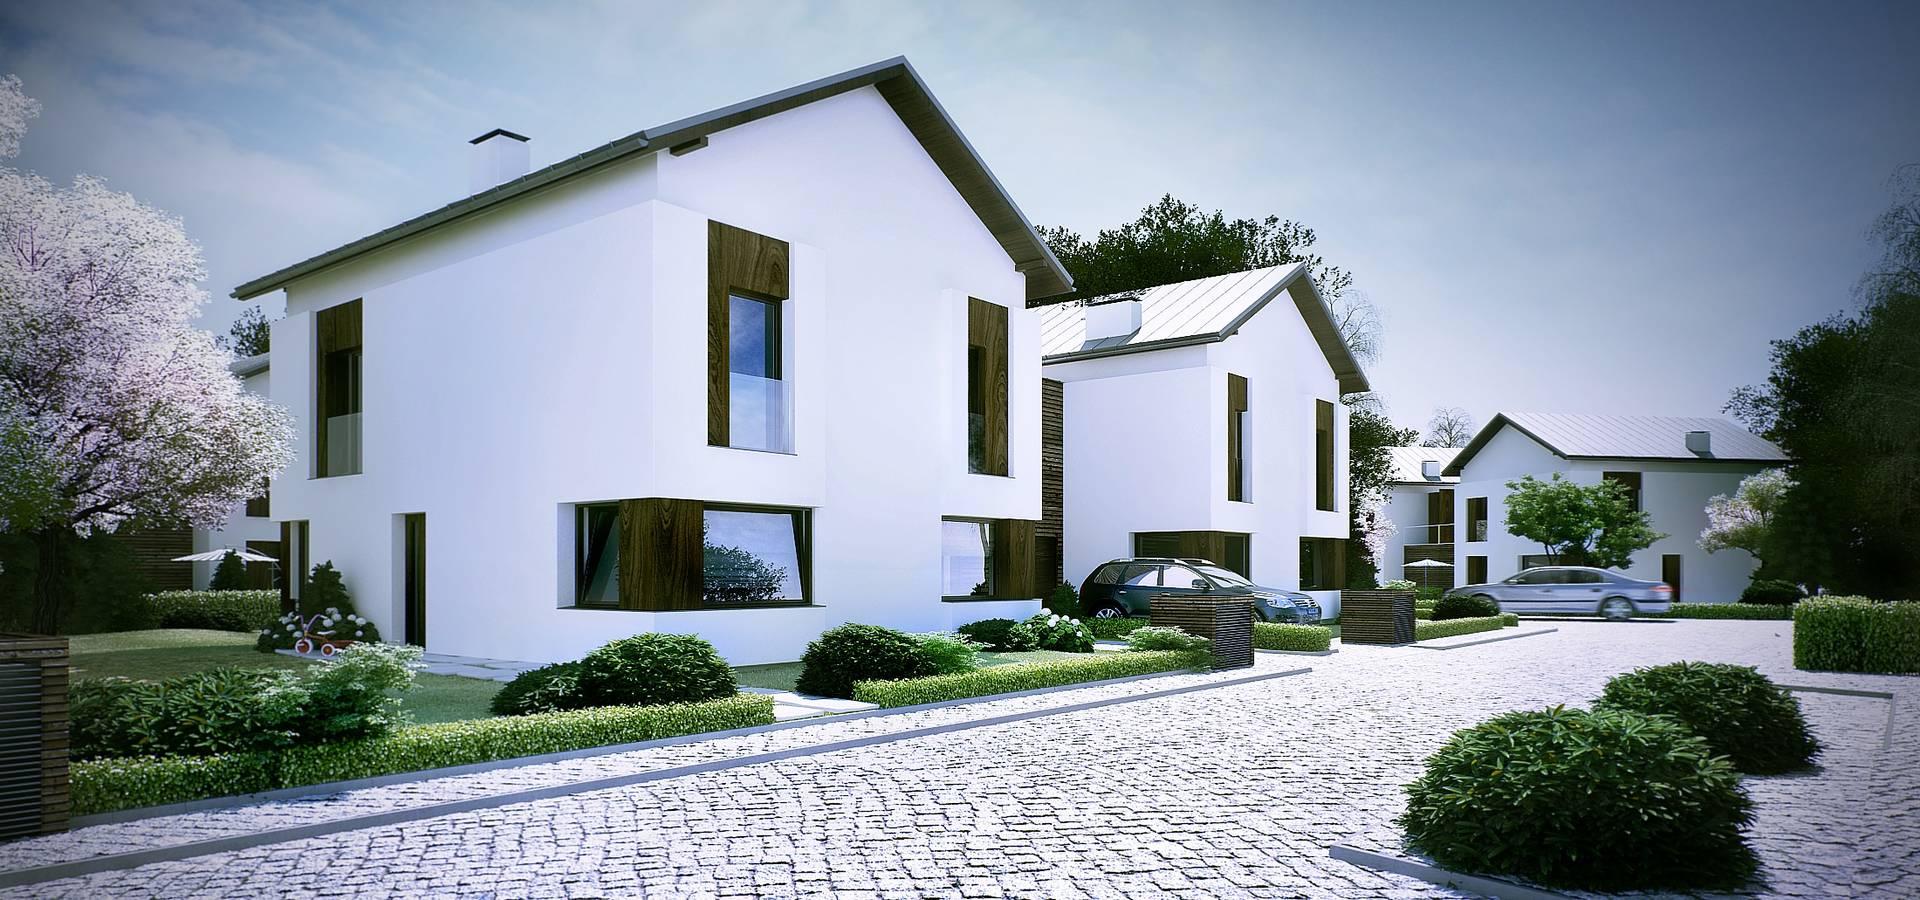 ARCHAMO architektura